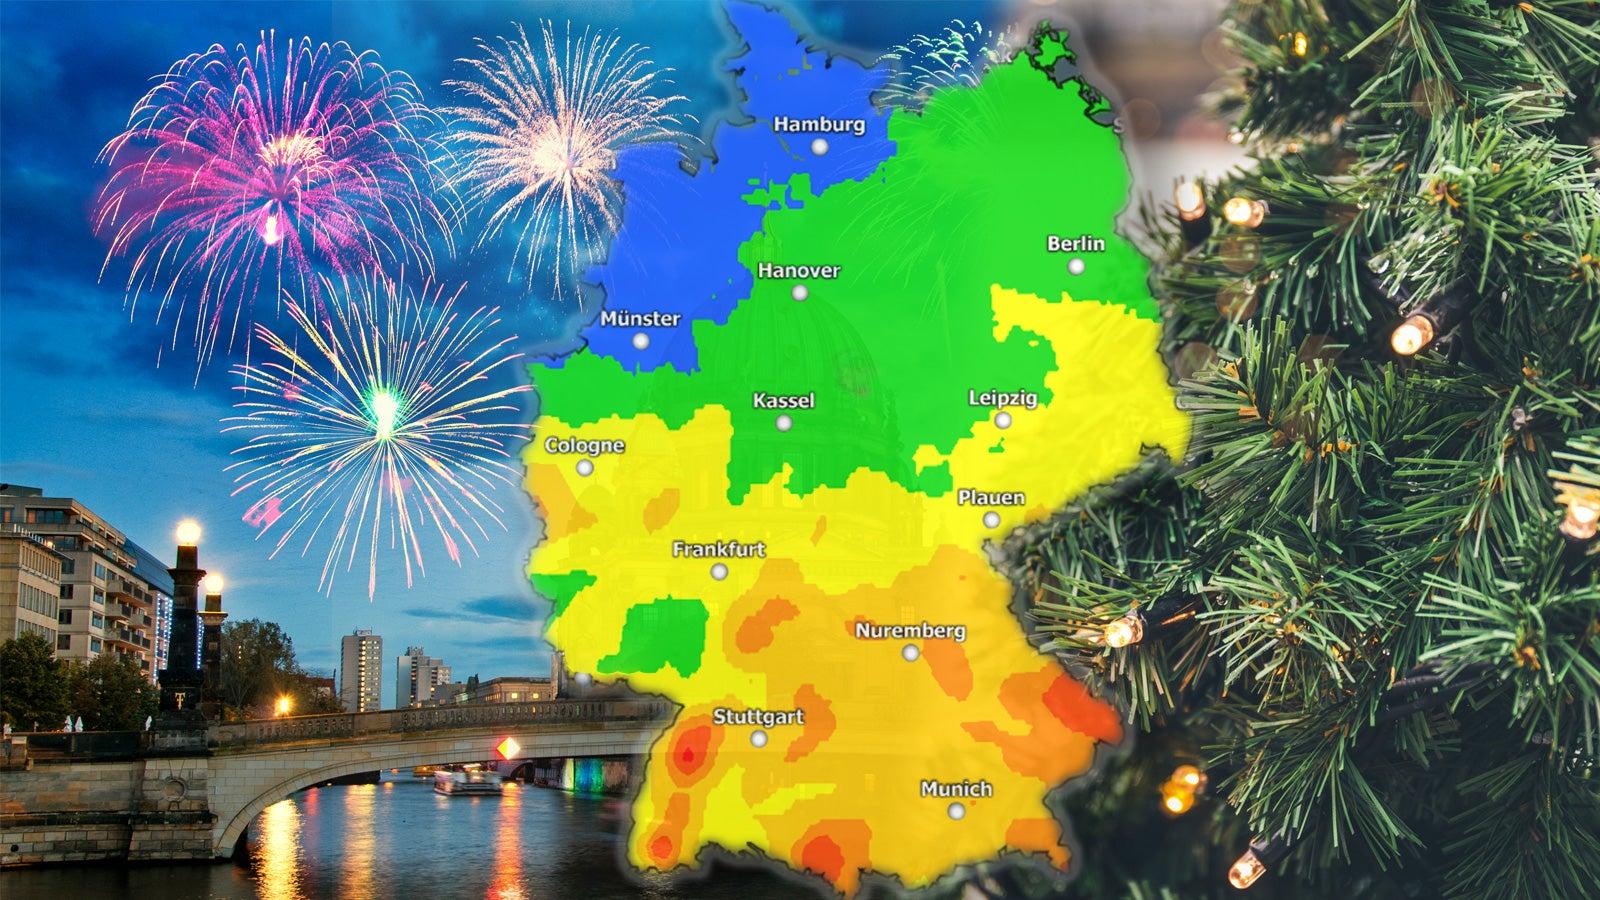 Wetter München Weihnachten 2019.Schnee Regen Sturm Meteorologe Gibt Ausblick Auf Die Feiertage